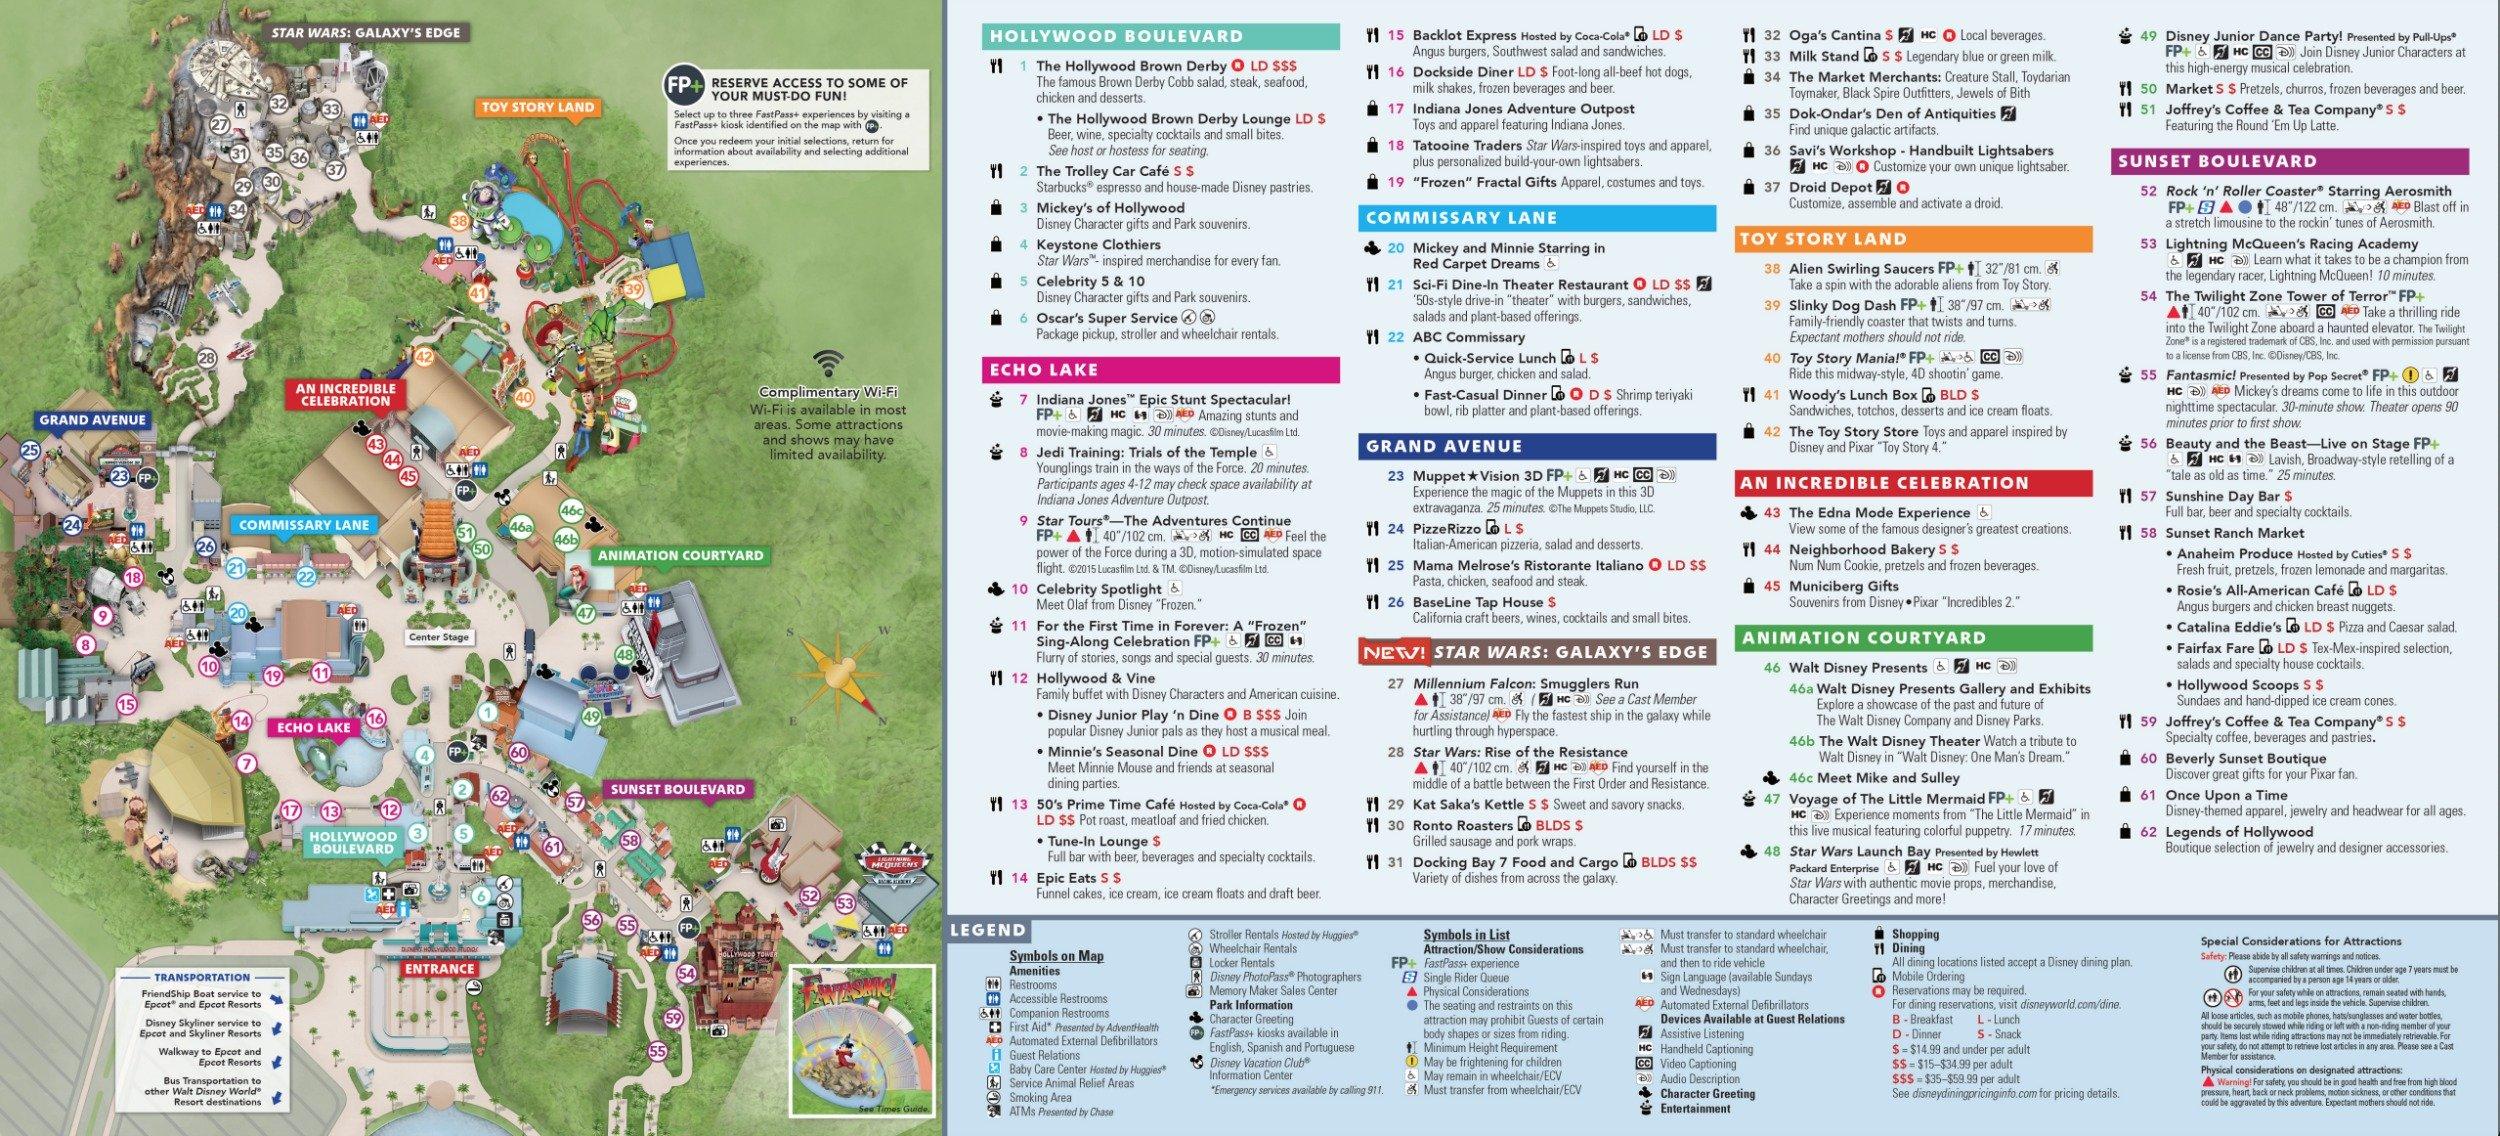 Mapa do Hollywood Studios. A Lightning McQueen's Racing Academy fica no número 53. Foto: Divulgação